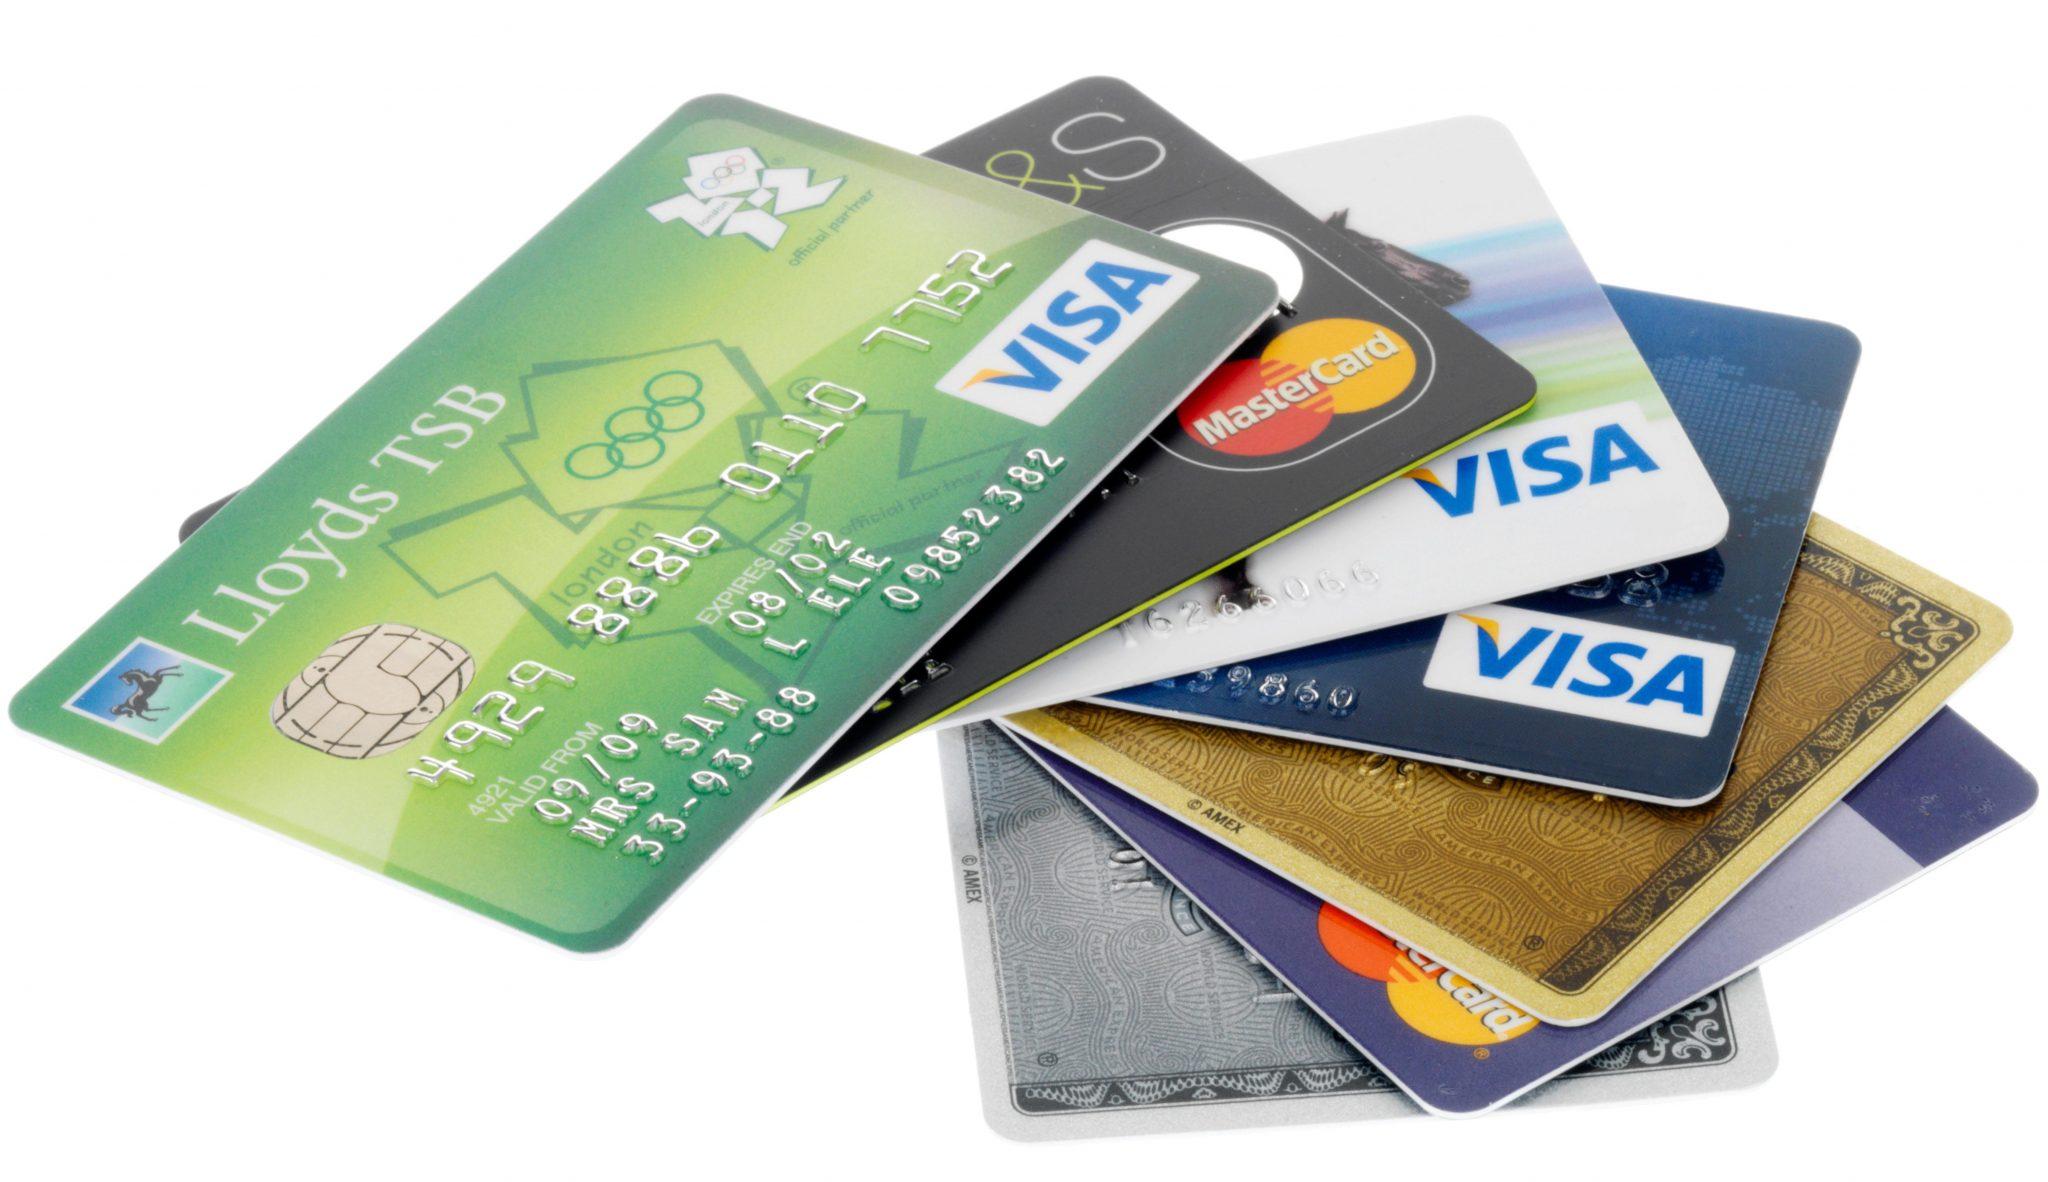 Что произойдет с деньгами, если их не снимать с банковской карты